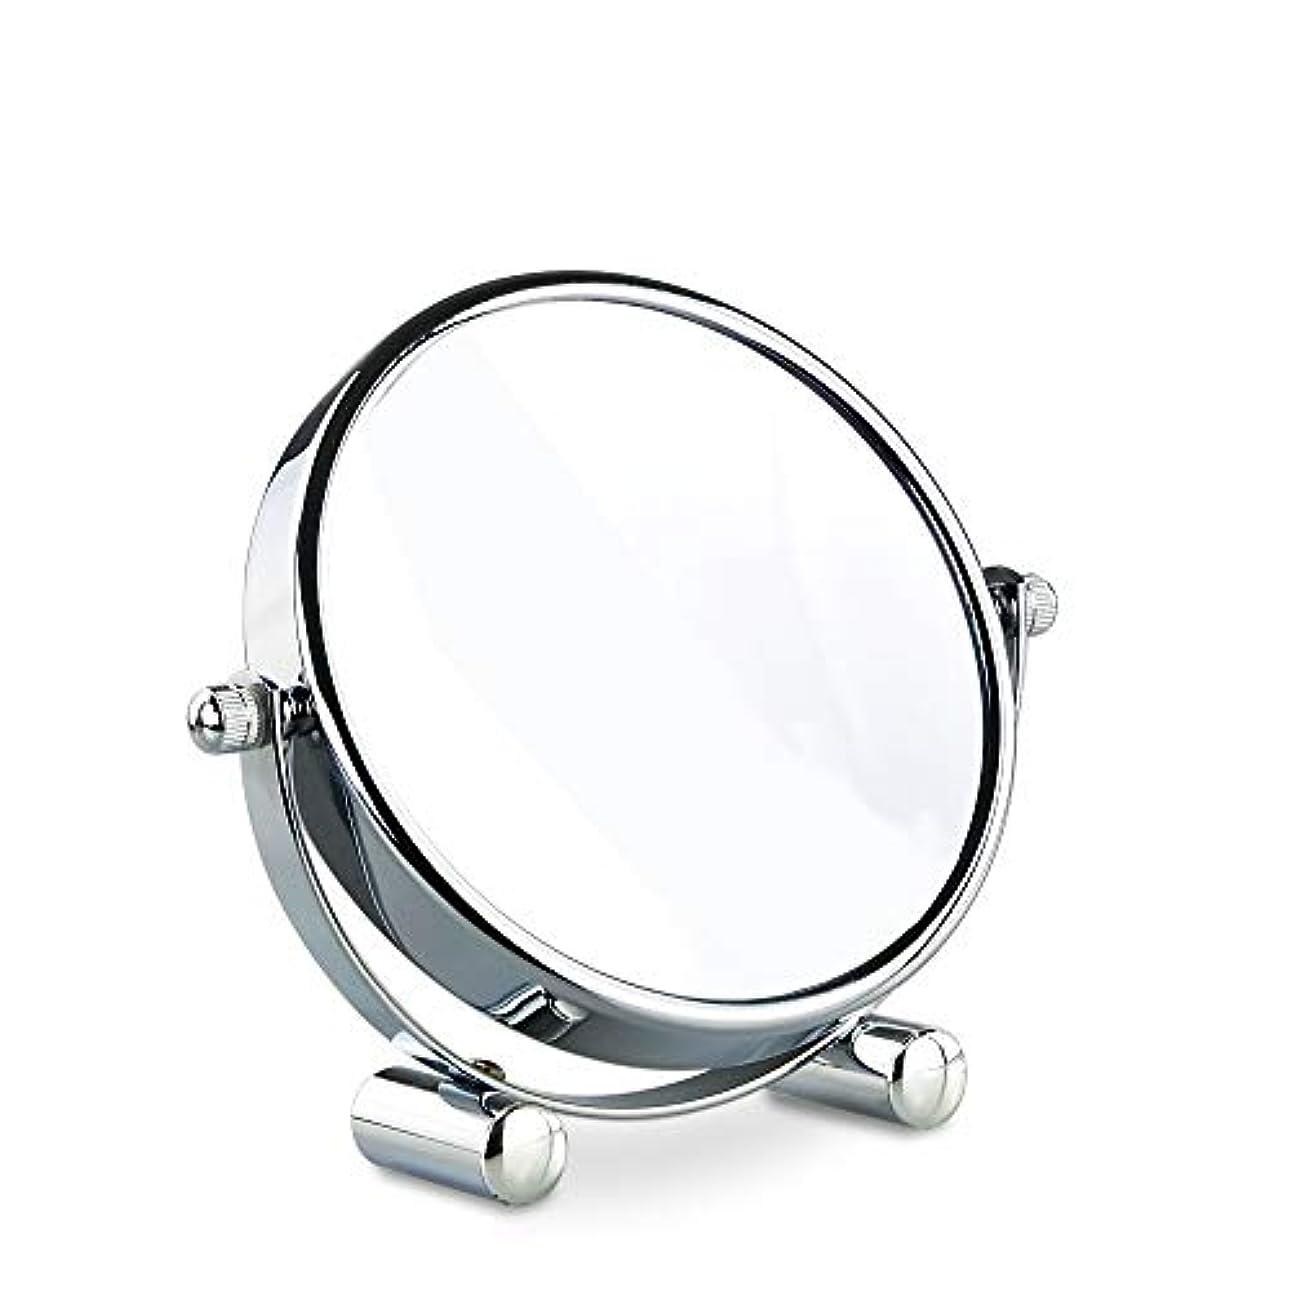 契約したウッズセイはさておき洗面化粧台ミラー 5インチ両面拡大鏡バスルームミラーミラー寝室用3-5-7-10倍拡大デスクトップ化粧品バスルームミラー360度回転回転スタンド付き 化粧鏡 (Edition : Reverse 10 times)